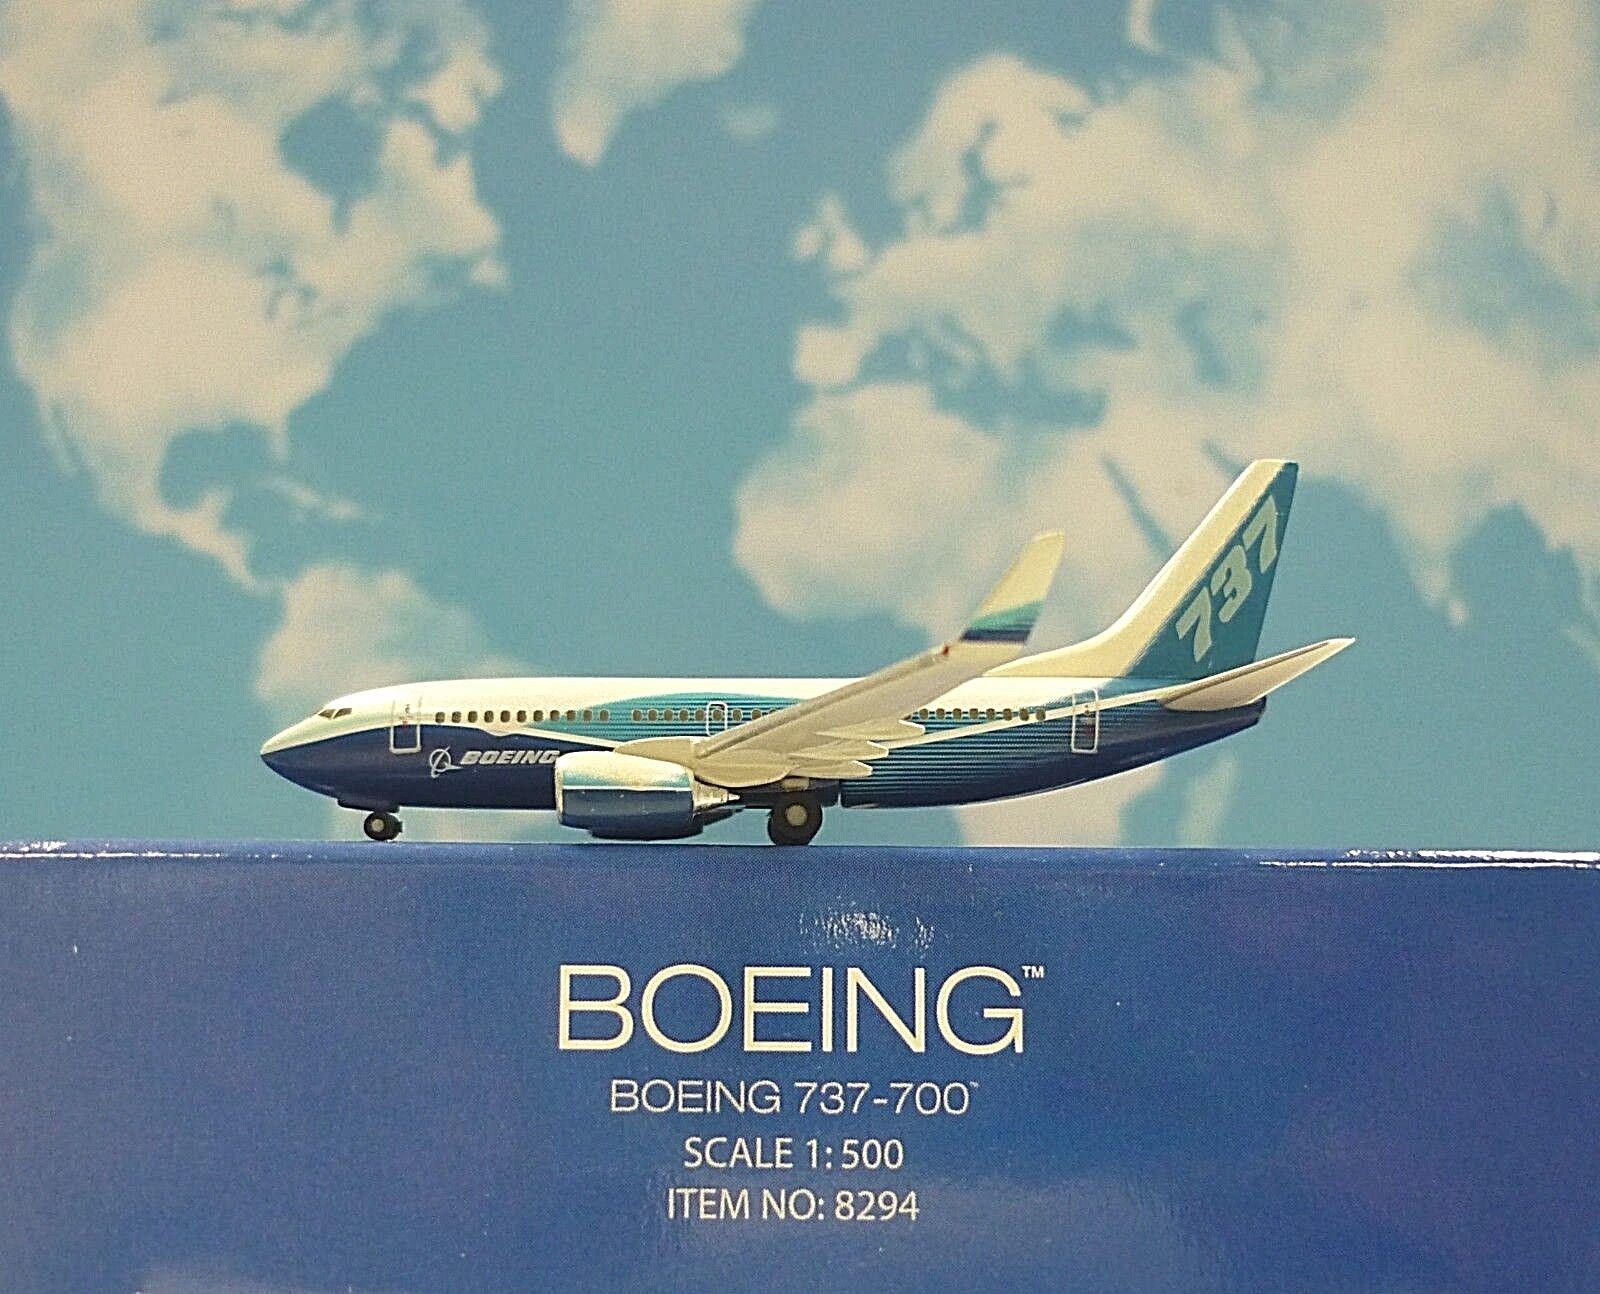 Hogan Wings 1 500 Boeing 737-700 Boeing House color LI8294 Modellairport500